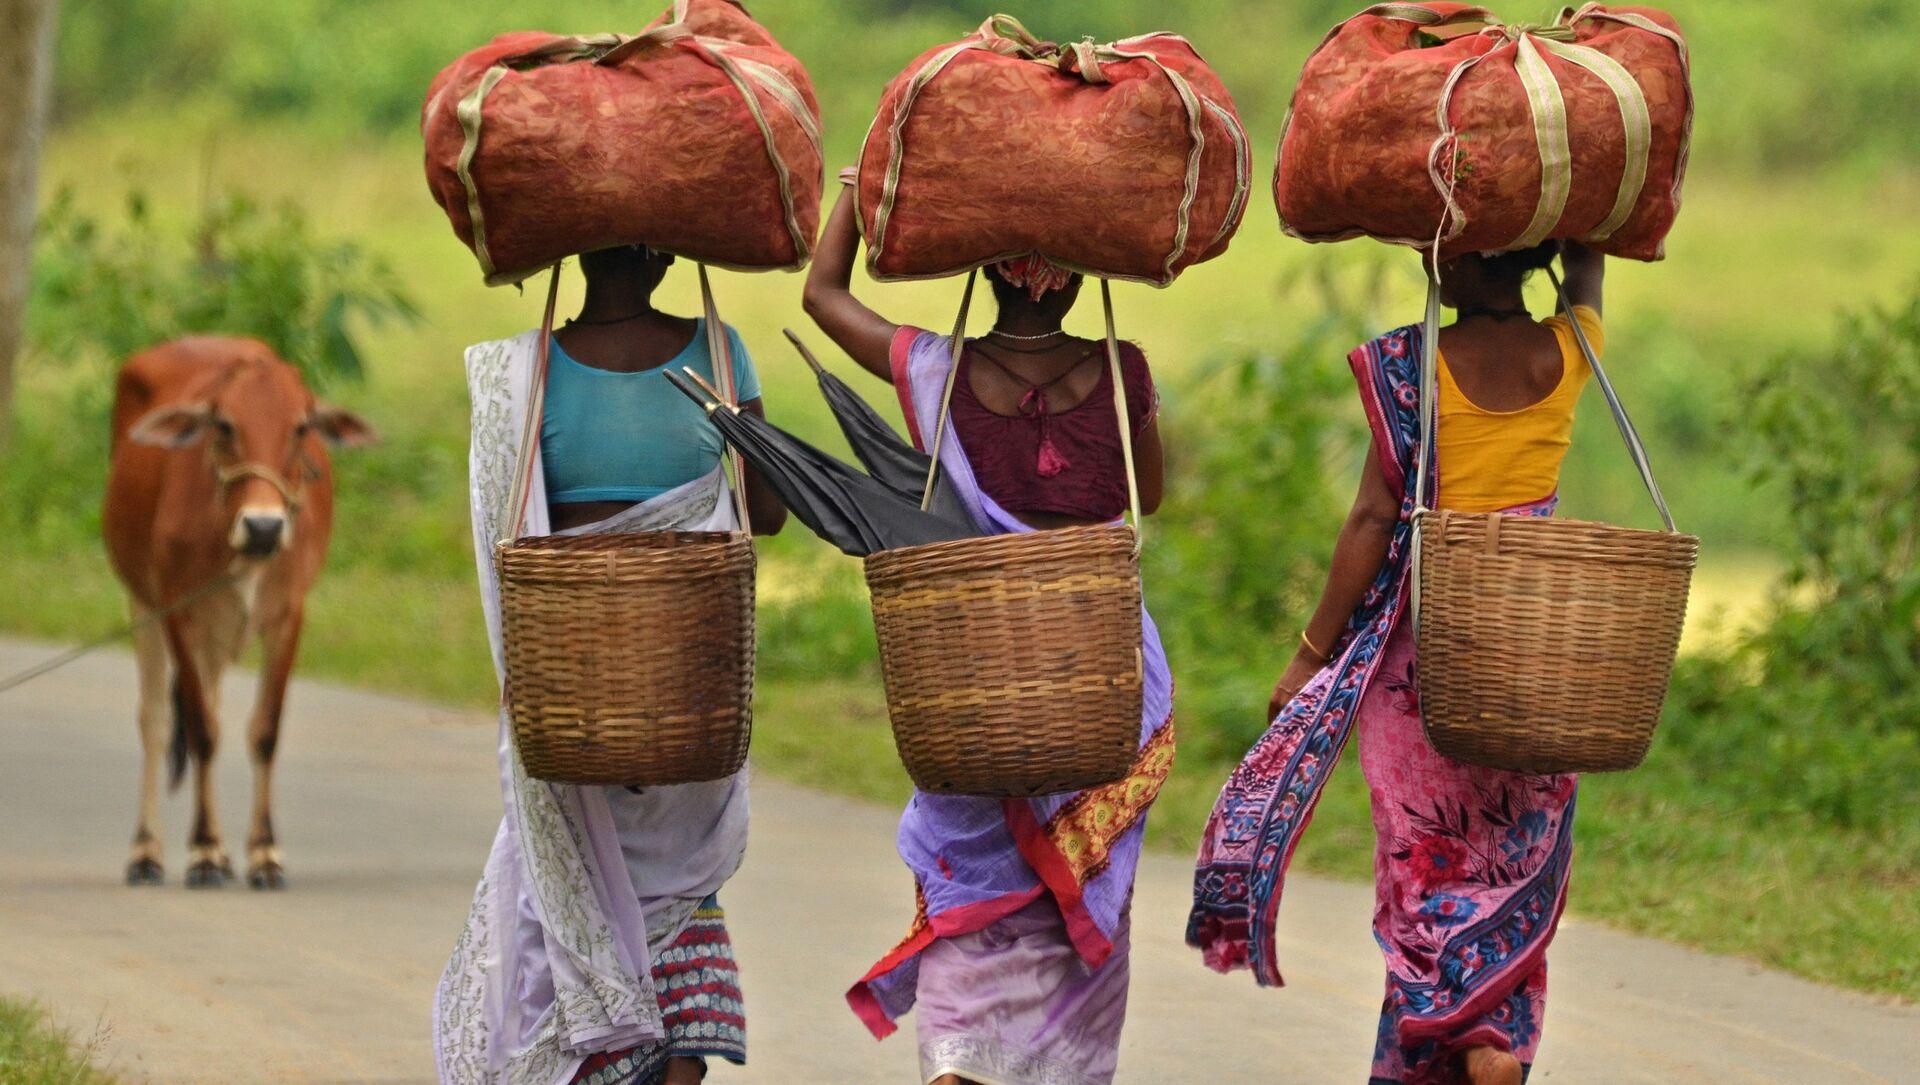 Delle ragazze indiane portano sacchetti di foglie di tè in una piantagione di tè nello stato dell'Assam, India - Sputnik Italia, 1920, 28.04.2021